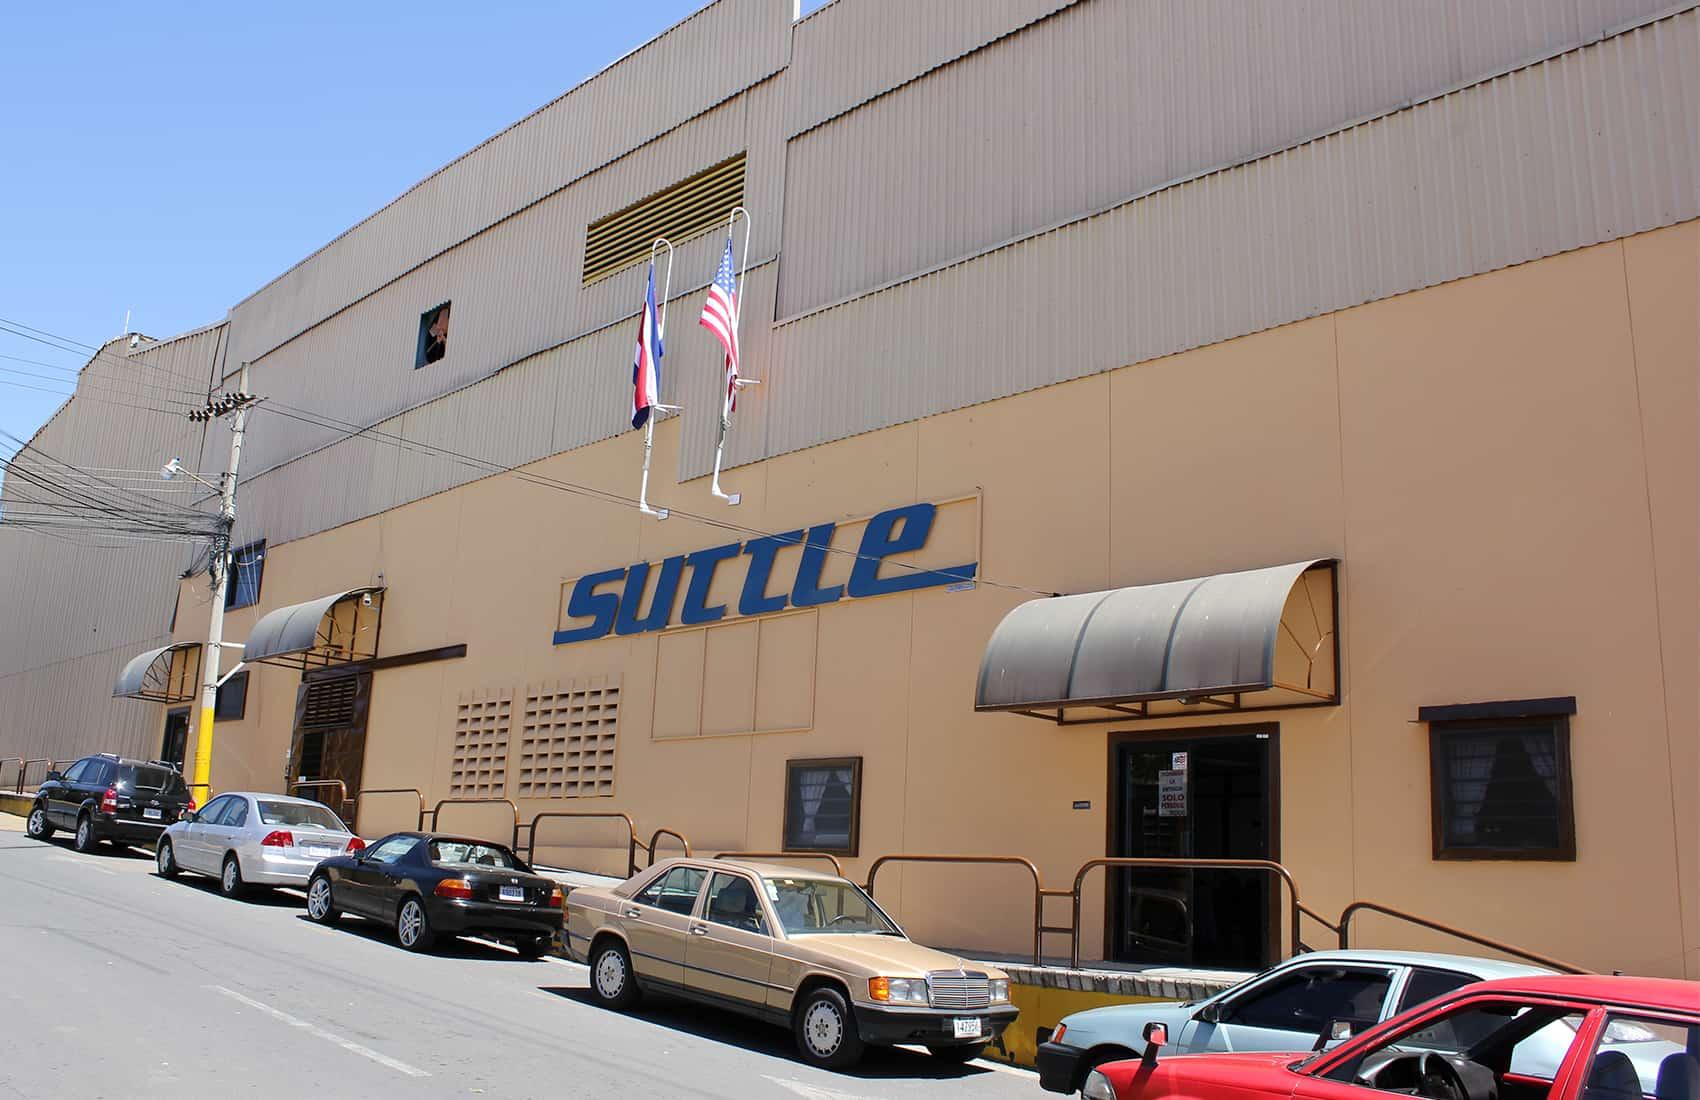 Suttle Costa Rica, Alajuela province.